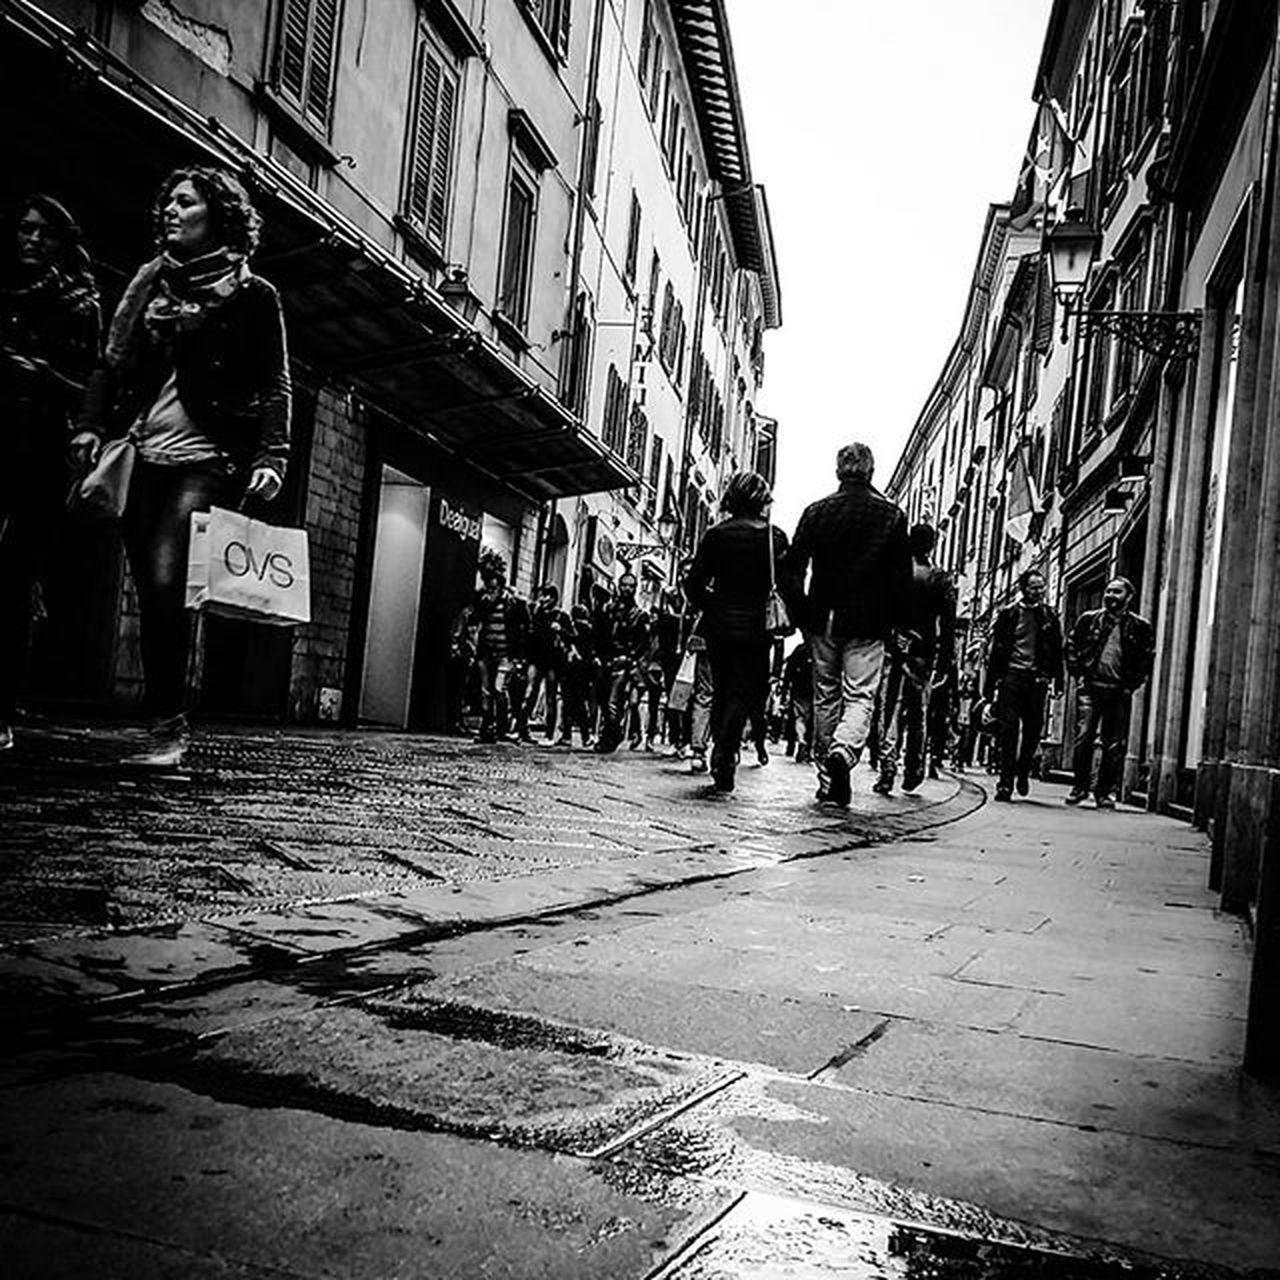 """""""Fotografare è trattenere il respiro quando tutte le nostre facoltà convergono per captare la realtà fugace: a questo punto l'immagine diventa una grande gioia fisica ed intellettuale."""" ●Henry Cartier Bresson● @AppLetstag Biancoenero Blackandwhite Bw Bnw Italy Italia Picoftheday Instagood Followme Photooftheday Bresson Streetphotography Best_streetview Bnw_life Street Photography Icapture_bw Bnw_of_our_world CaptureTheMoment Bnw_planet Pisa Toscana Tuscany Igerspisa Igerstoscana Firenze florence igersfirenze art street city"""